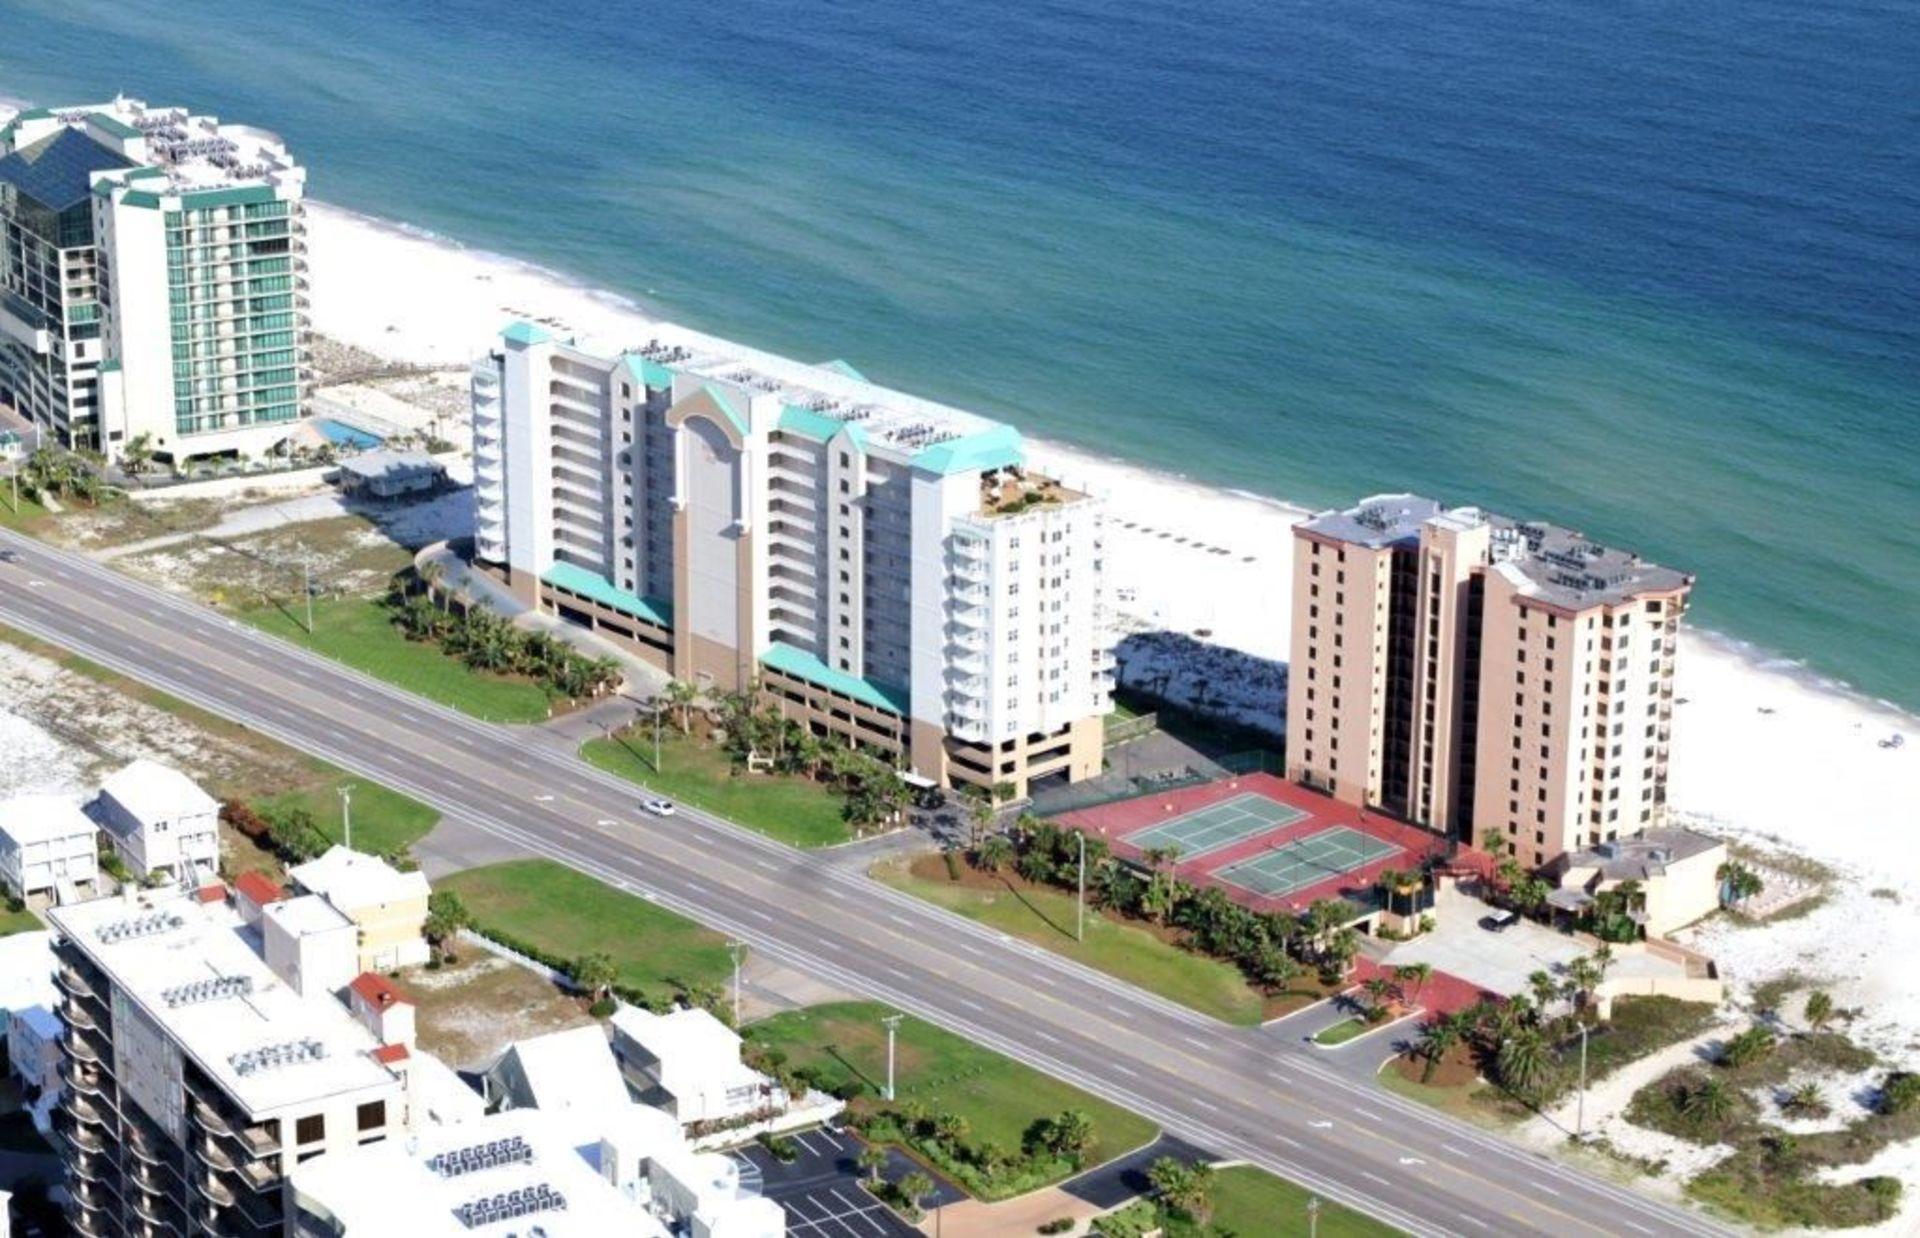 2 Bedroom Condos in Gulf Shores